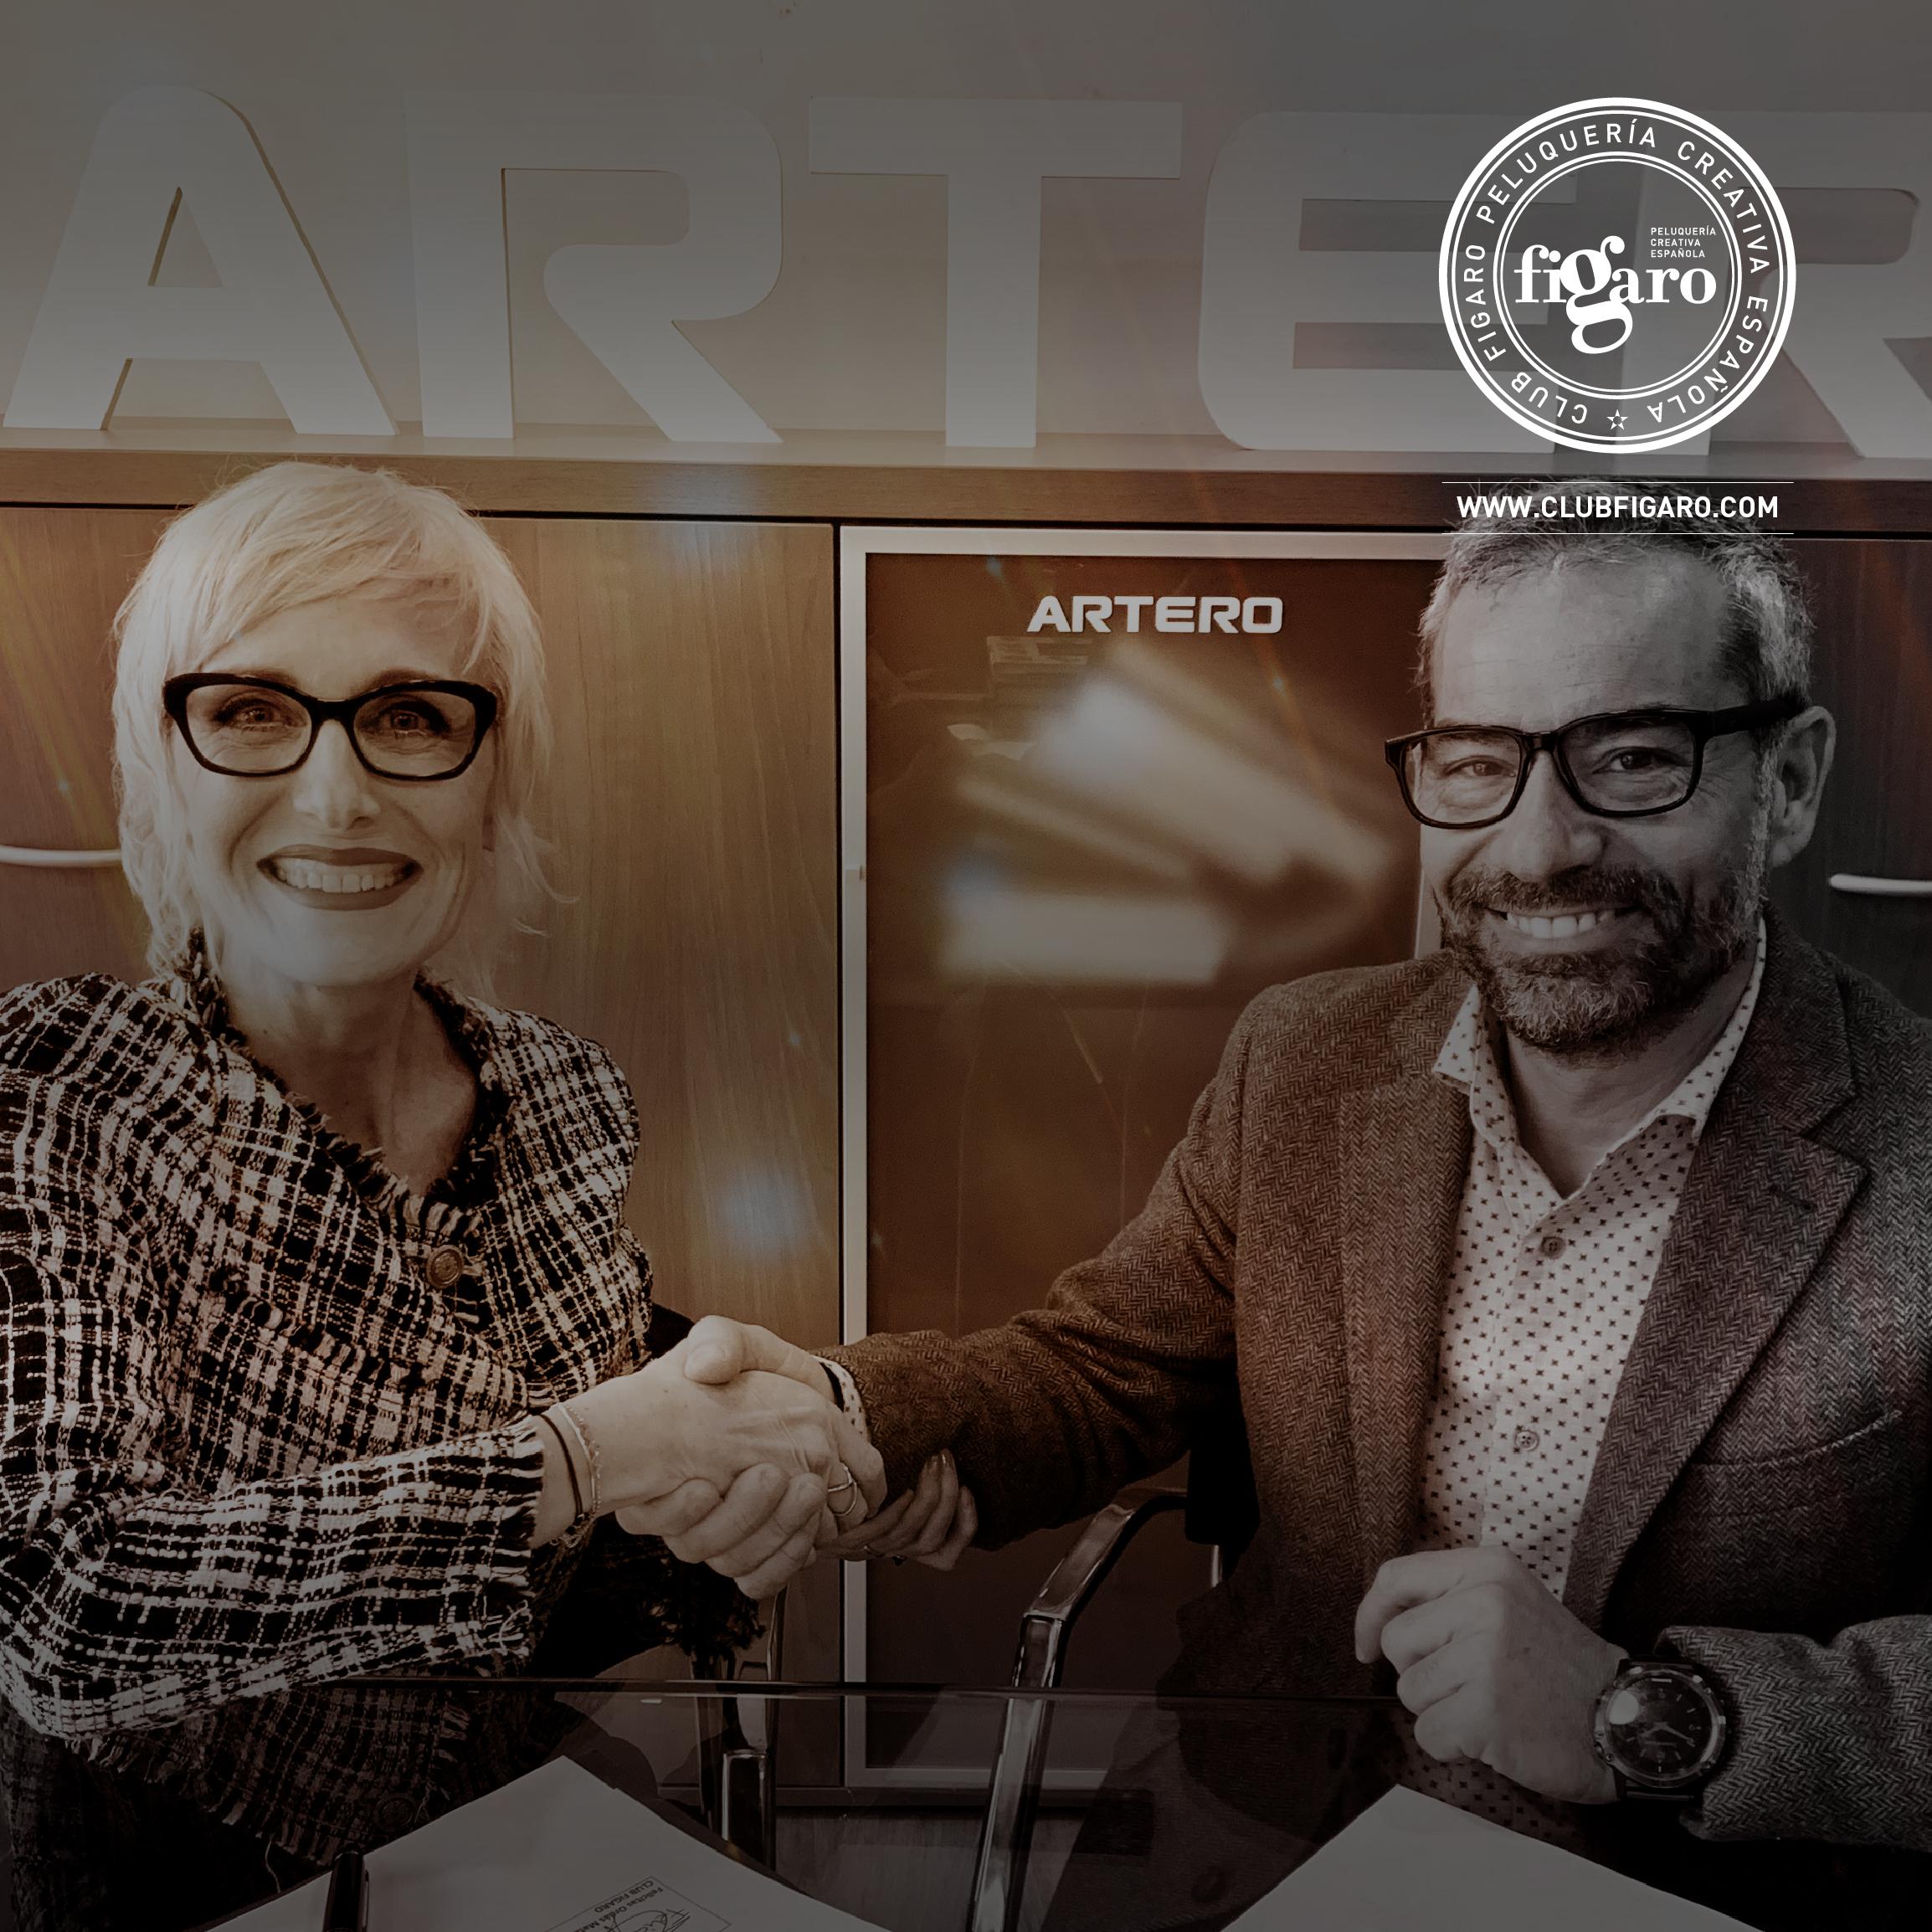 Artero renueva su compromiso con Club Fígaro